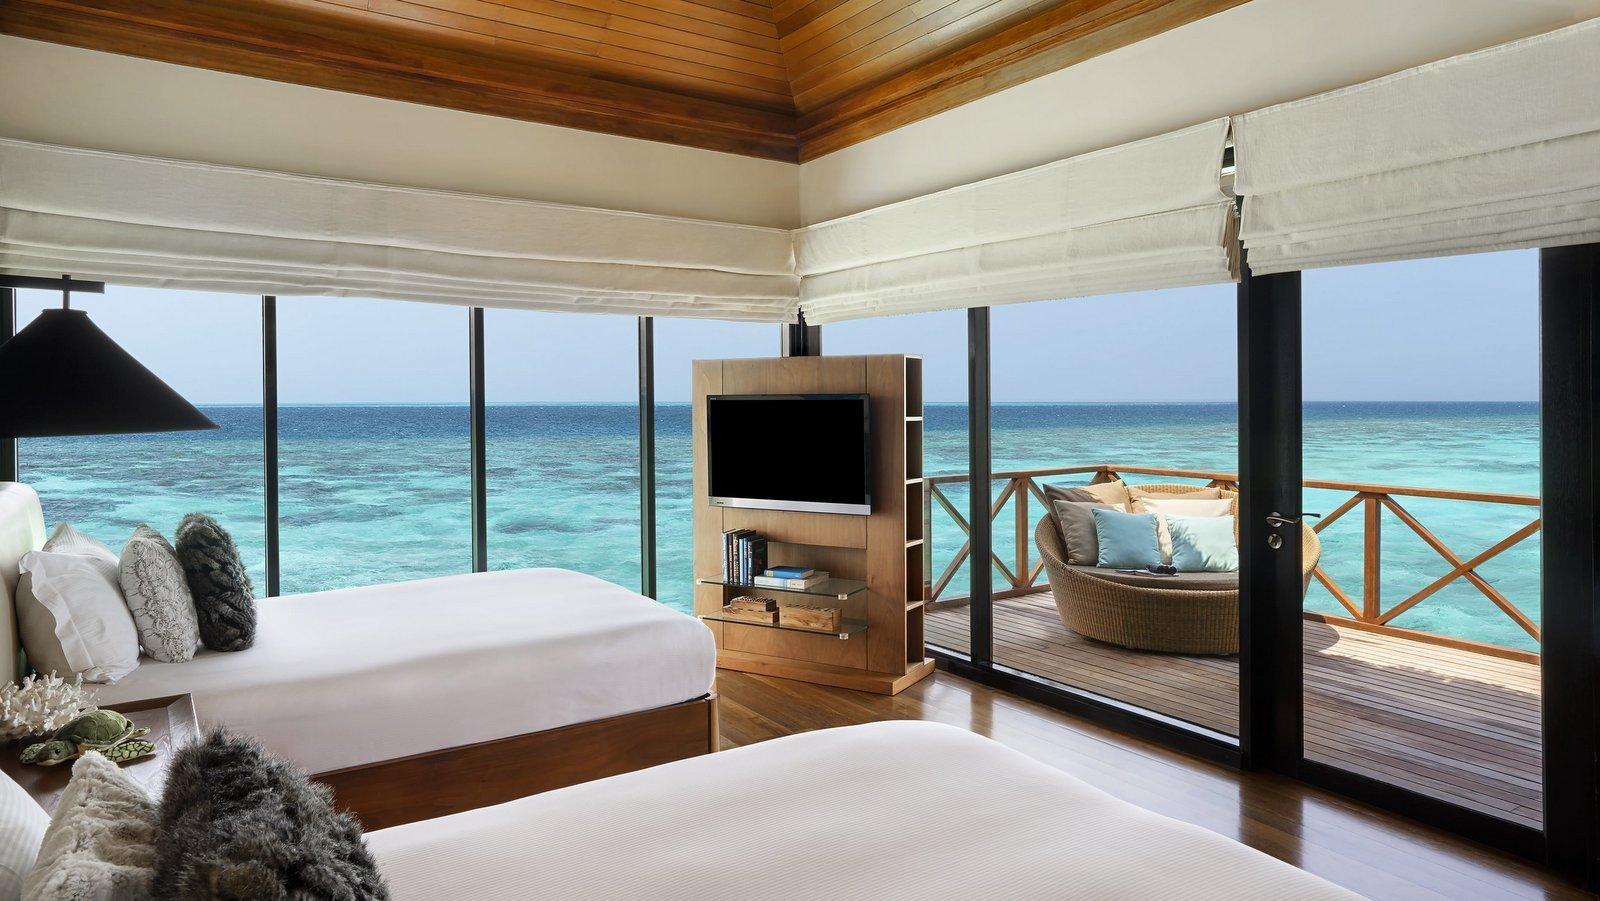 Мальдивы, отель Huvafen Fushi Maldives, номер Two Bed Room Ocean Bungalow with Pool